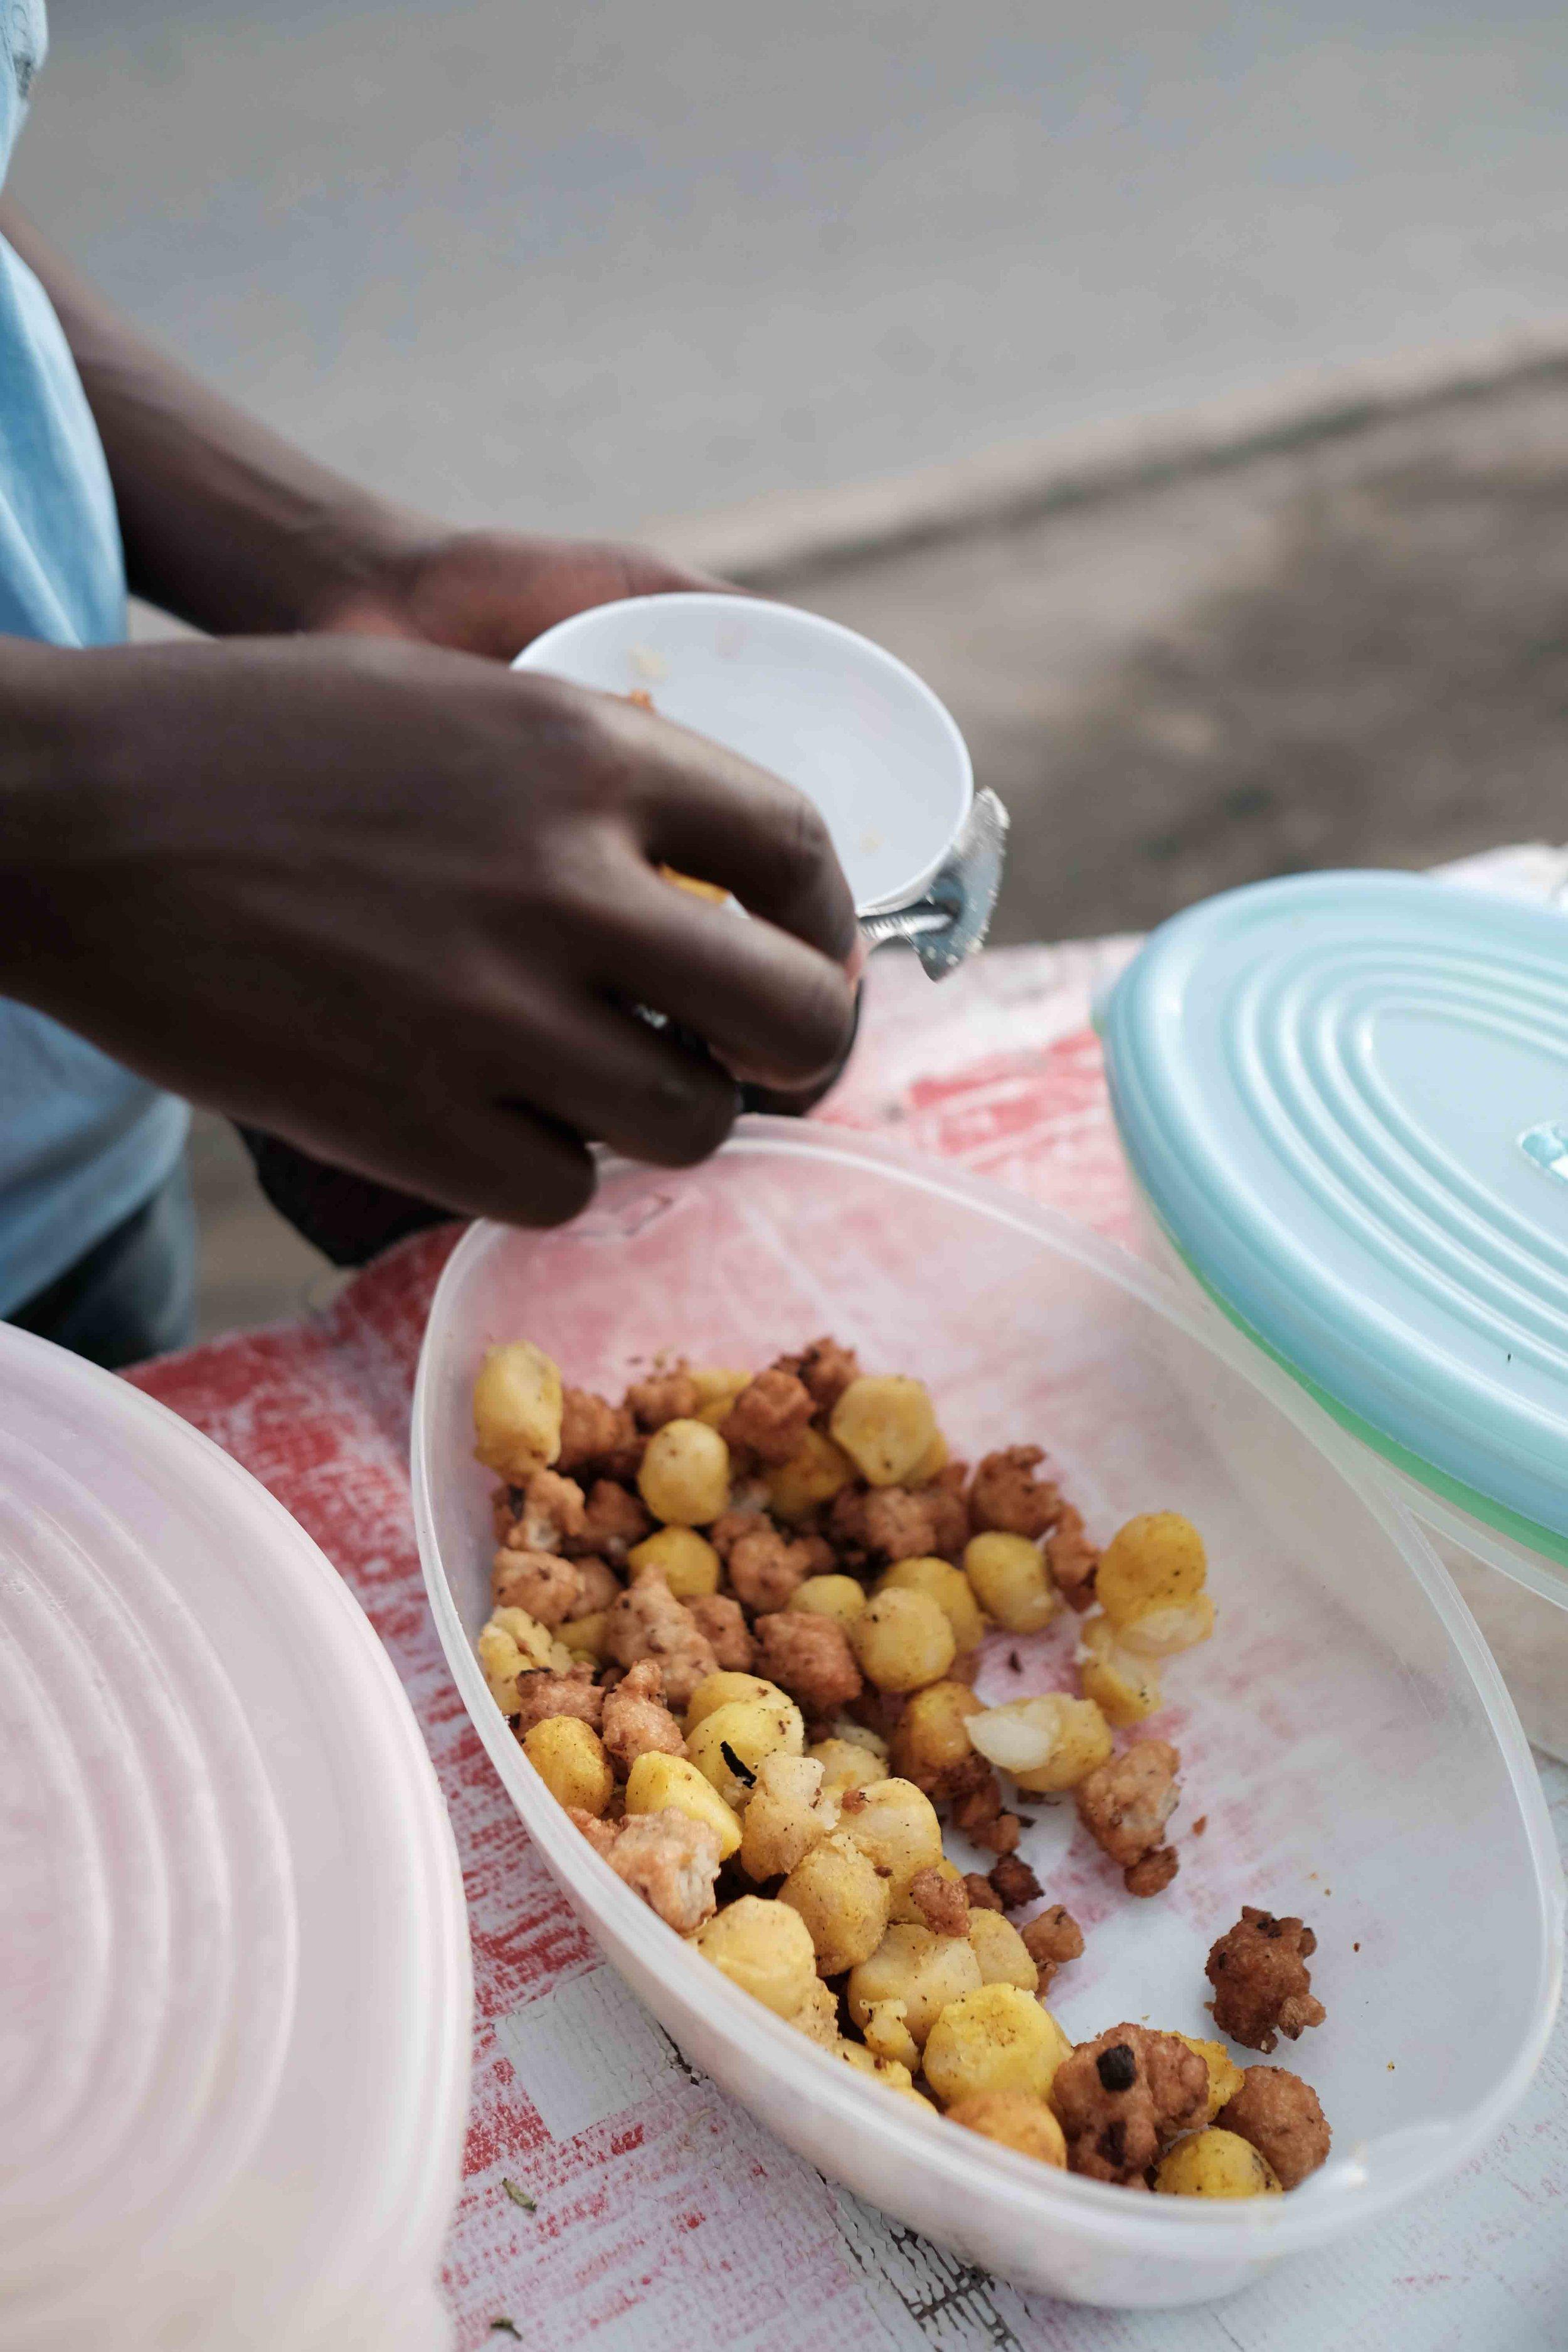 Kachori, bajia (Indian snacks localized for mix)